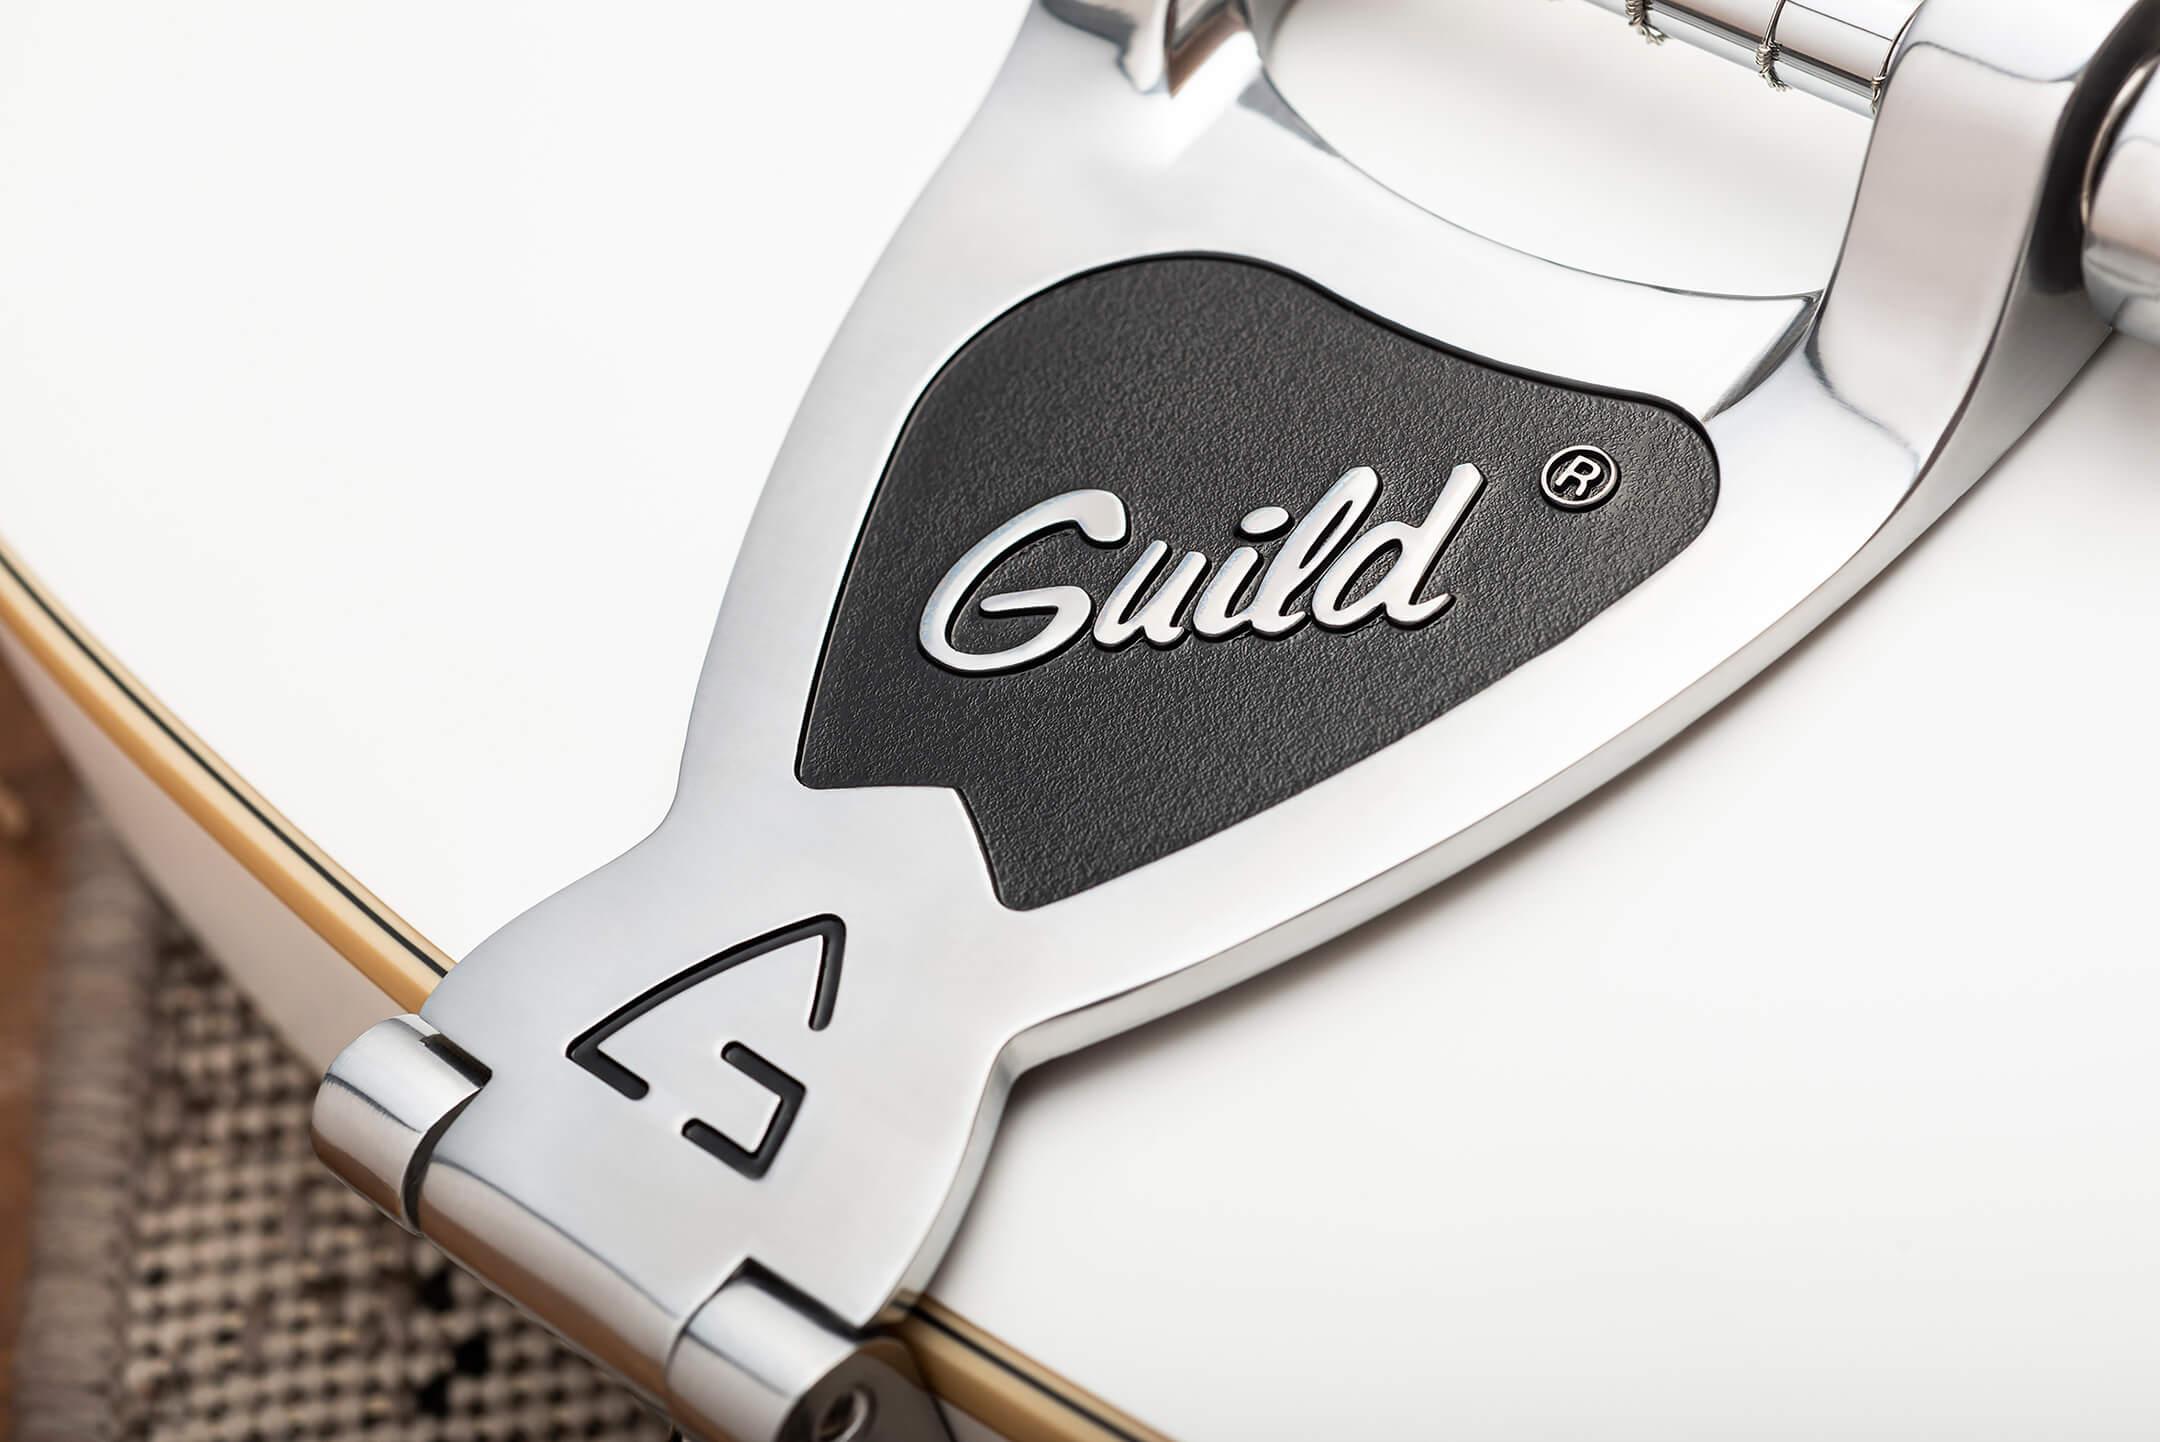 Guild Starfire I Jet90